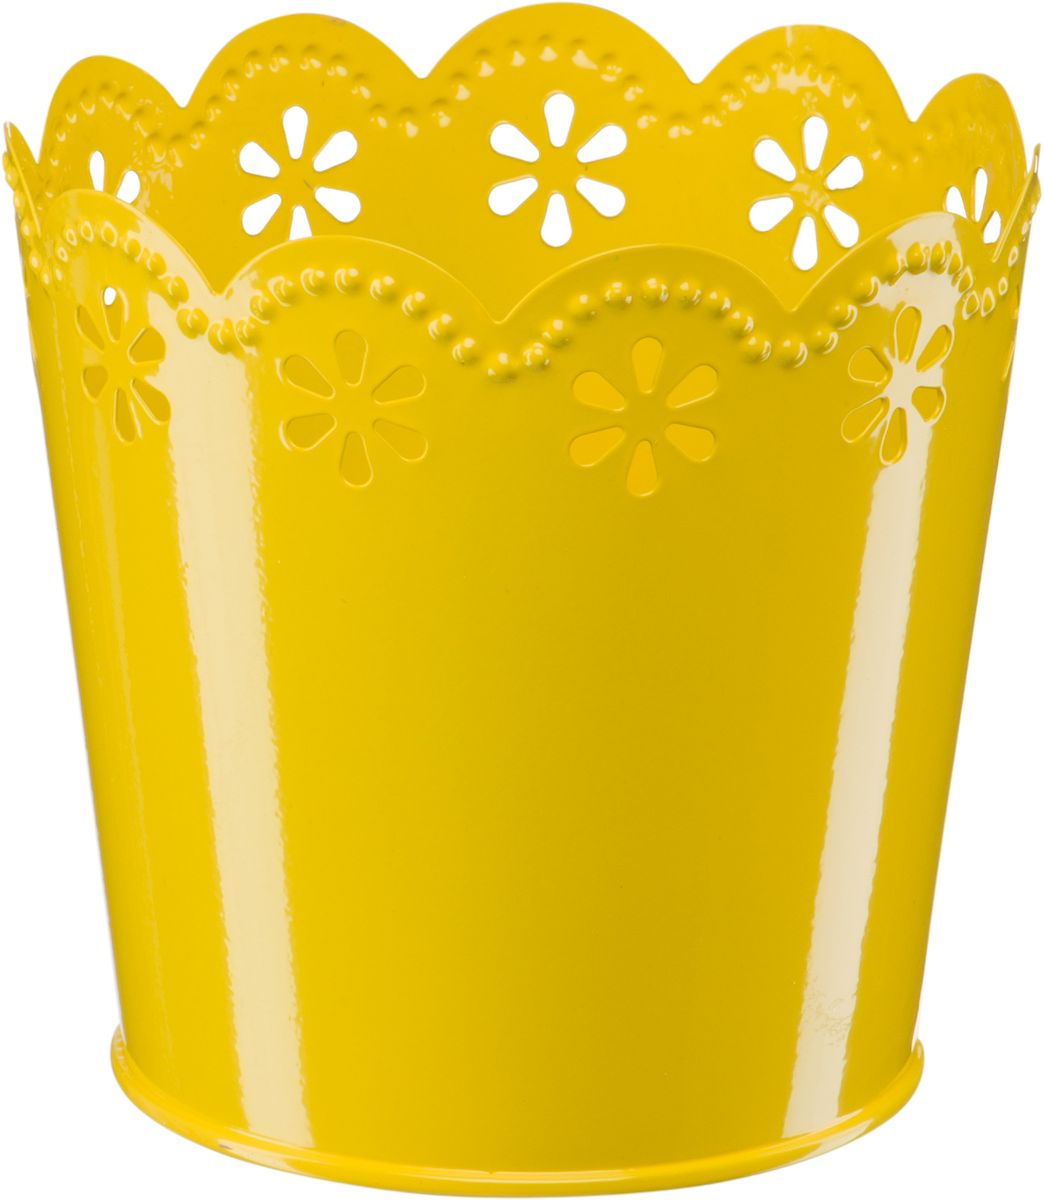 Кашпо Engard, цвет: желтый, 12,5 х 10 х 13 смА058Кашпо Engard, предназначенное для посадки декоративных растений, станет прекрасным украшением для дома. Яркая расцветка привлекает к себе внимание и поднимает настроение. Материал изготовления - металл.